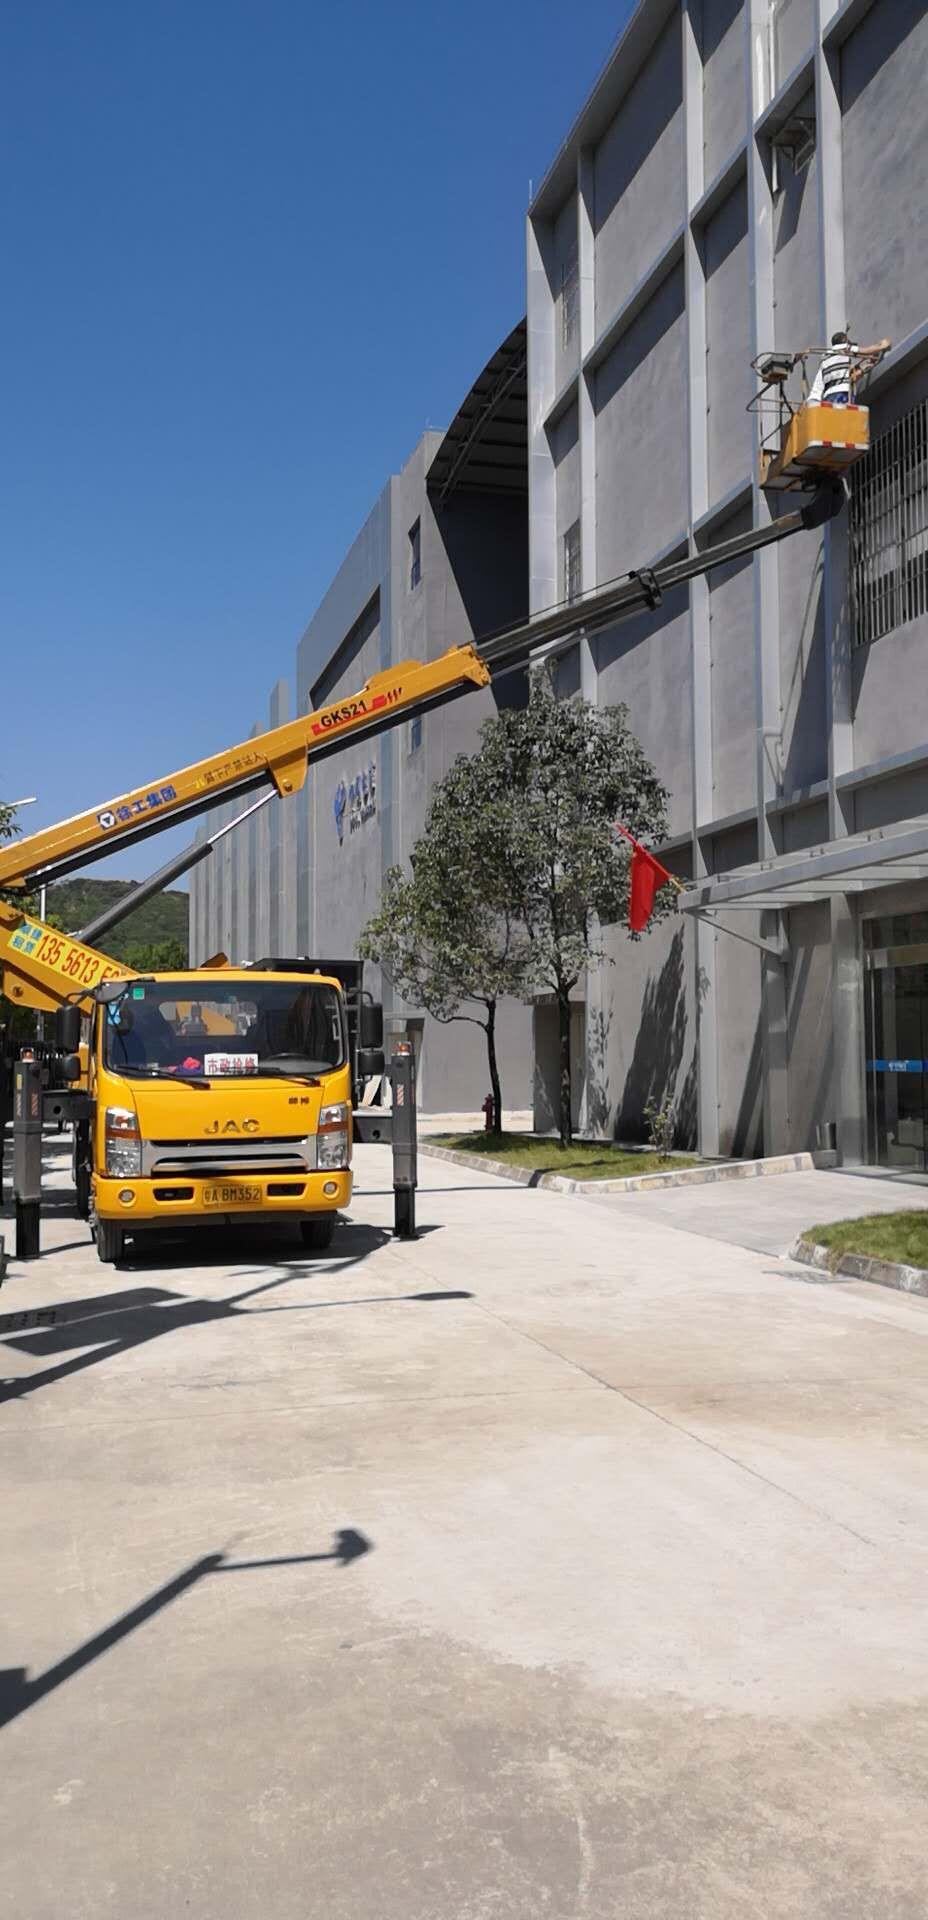 广州萝岗区30米伸缩臂高空车租赁电话